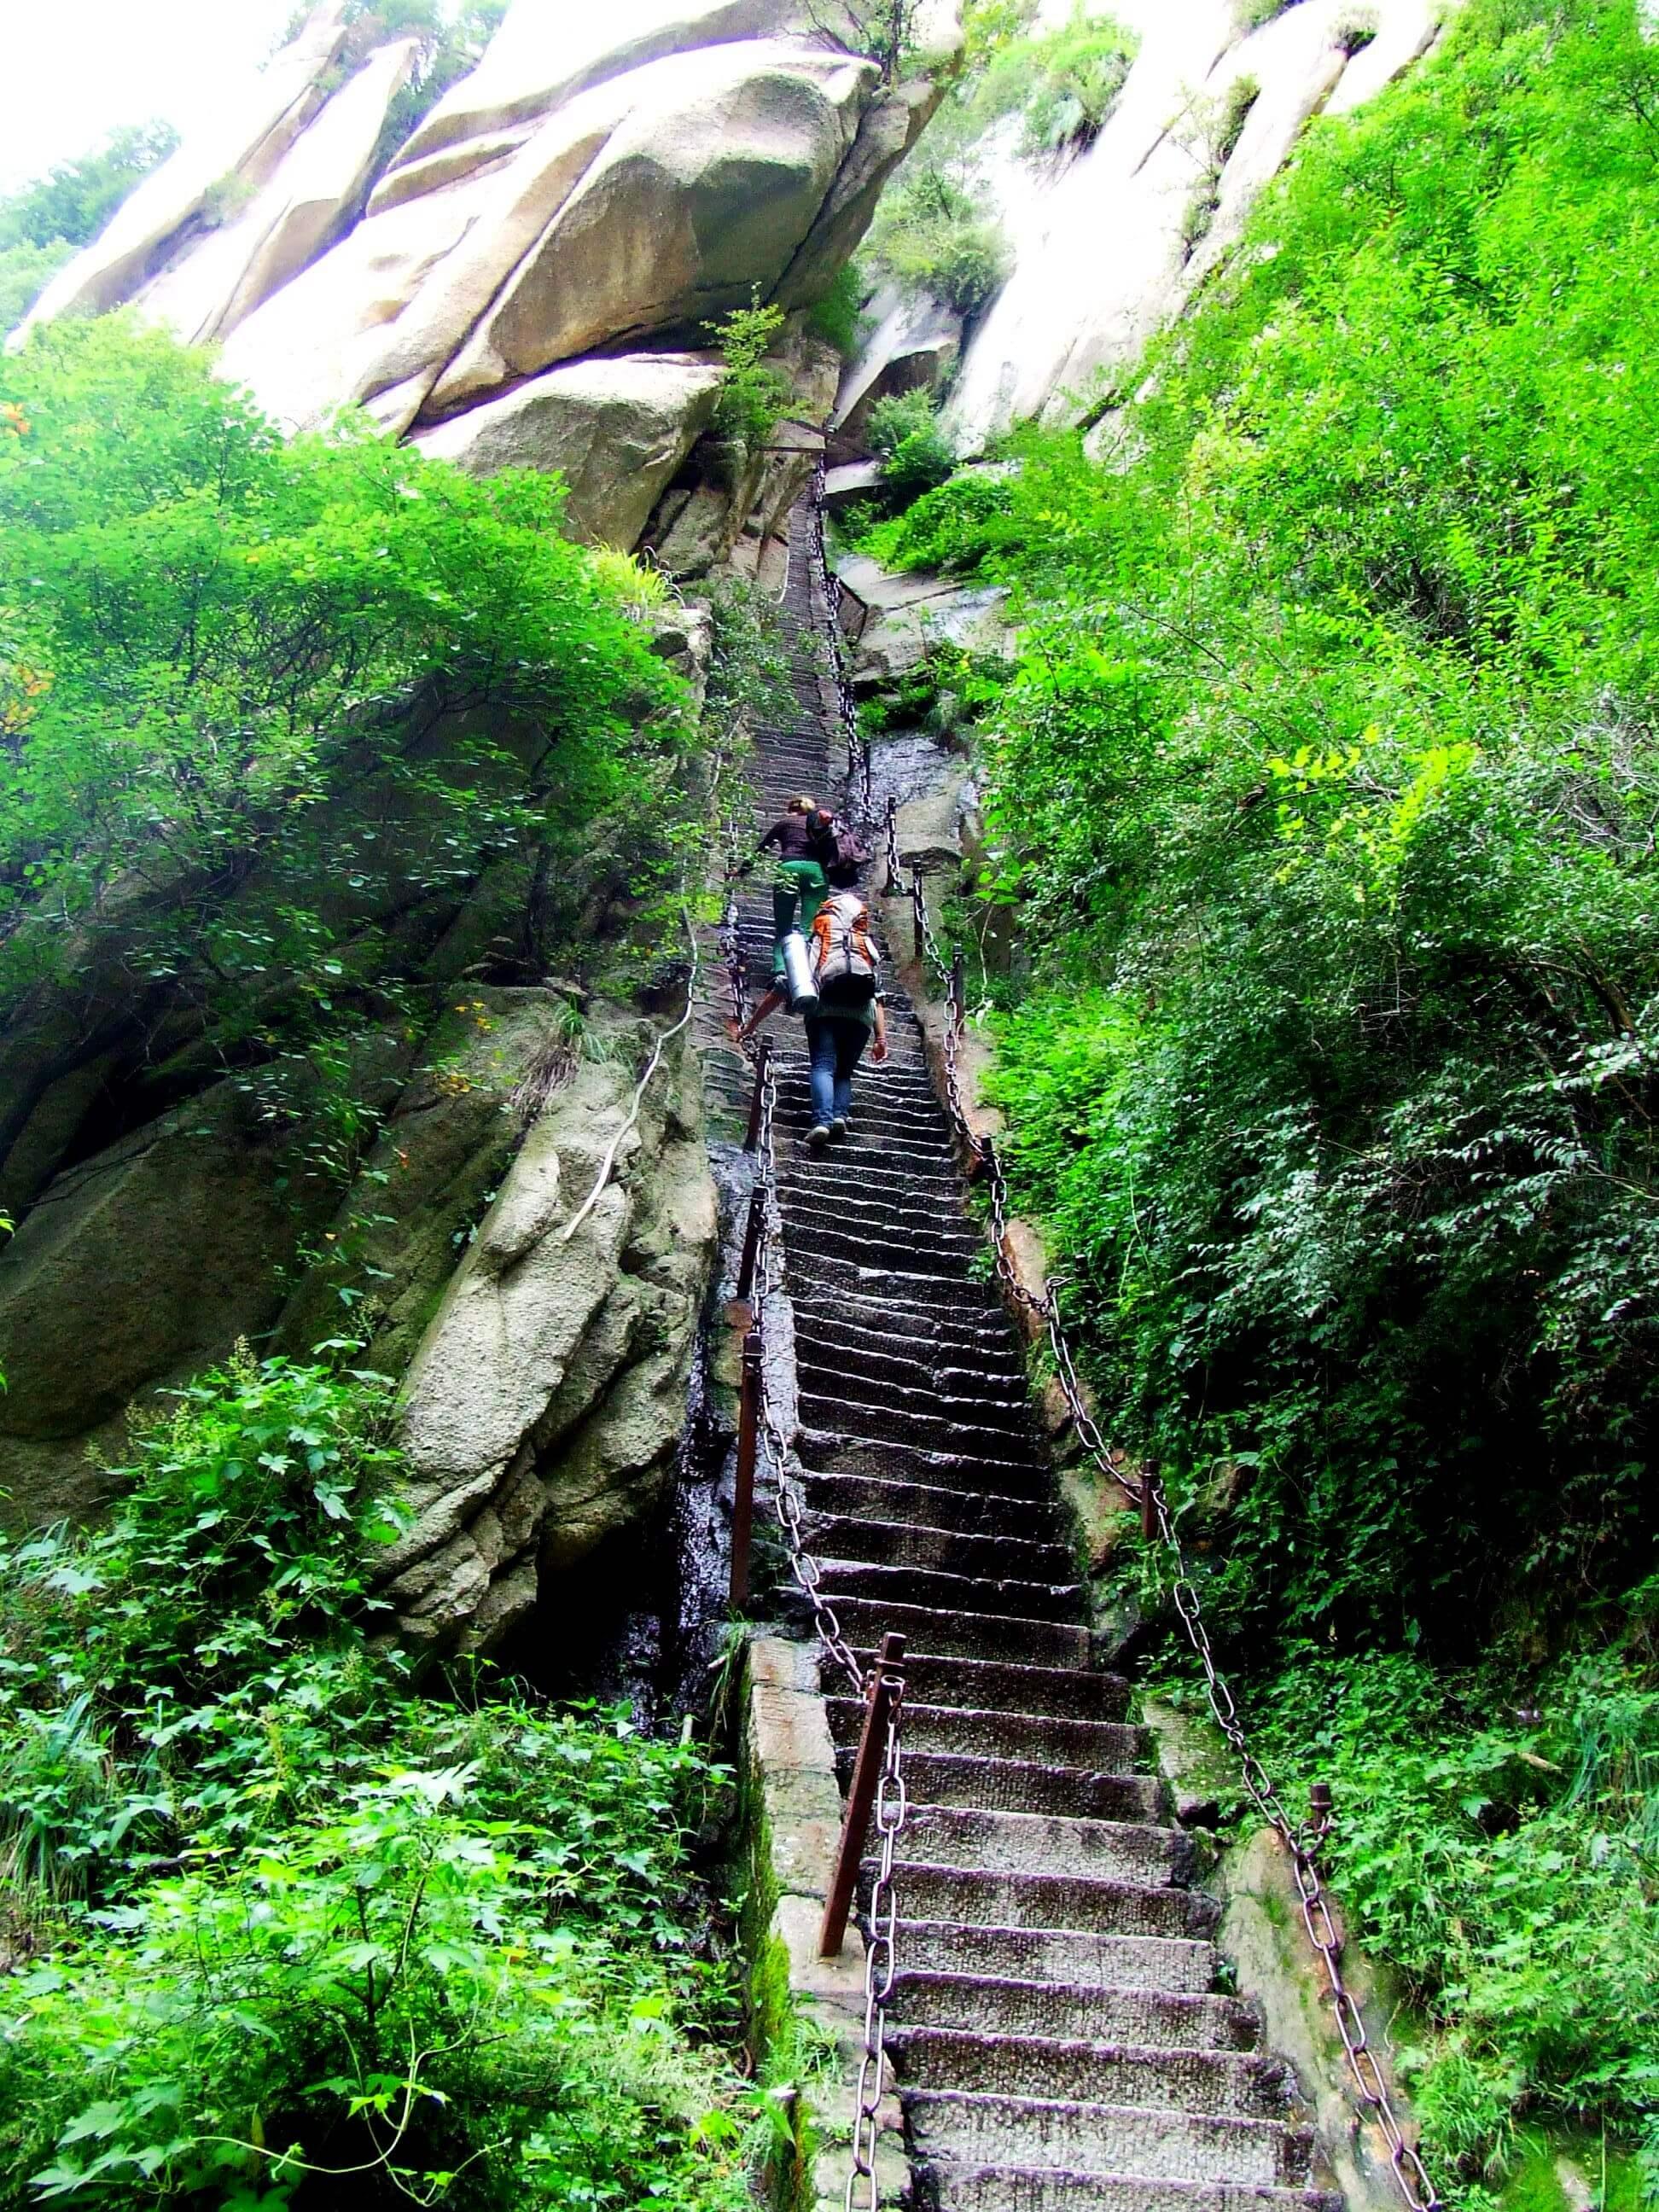 Niekończące się schody wykute w skale, fot. A. Warszawski